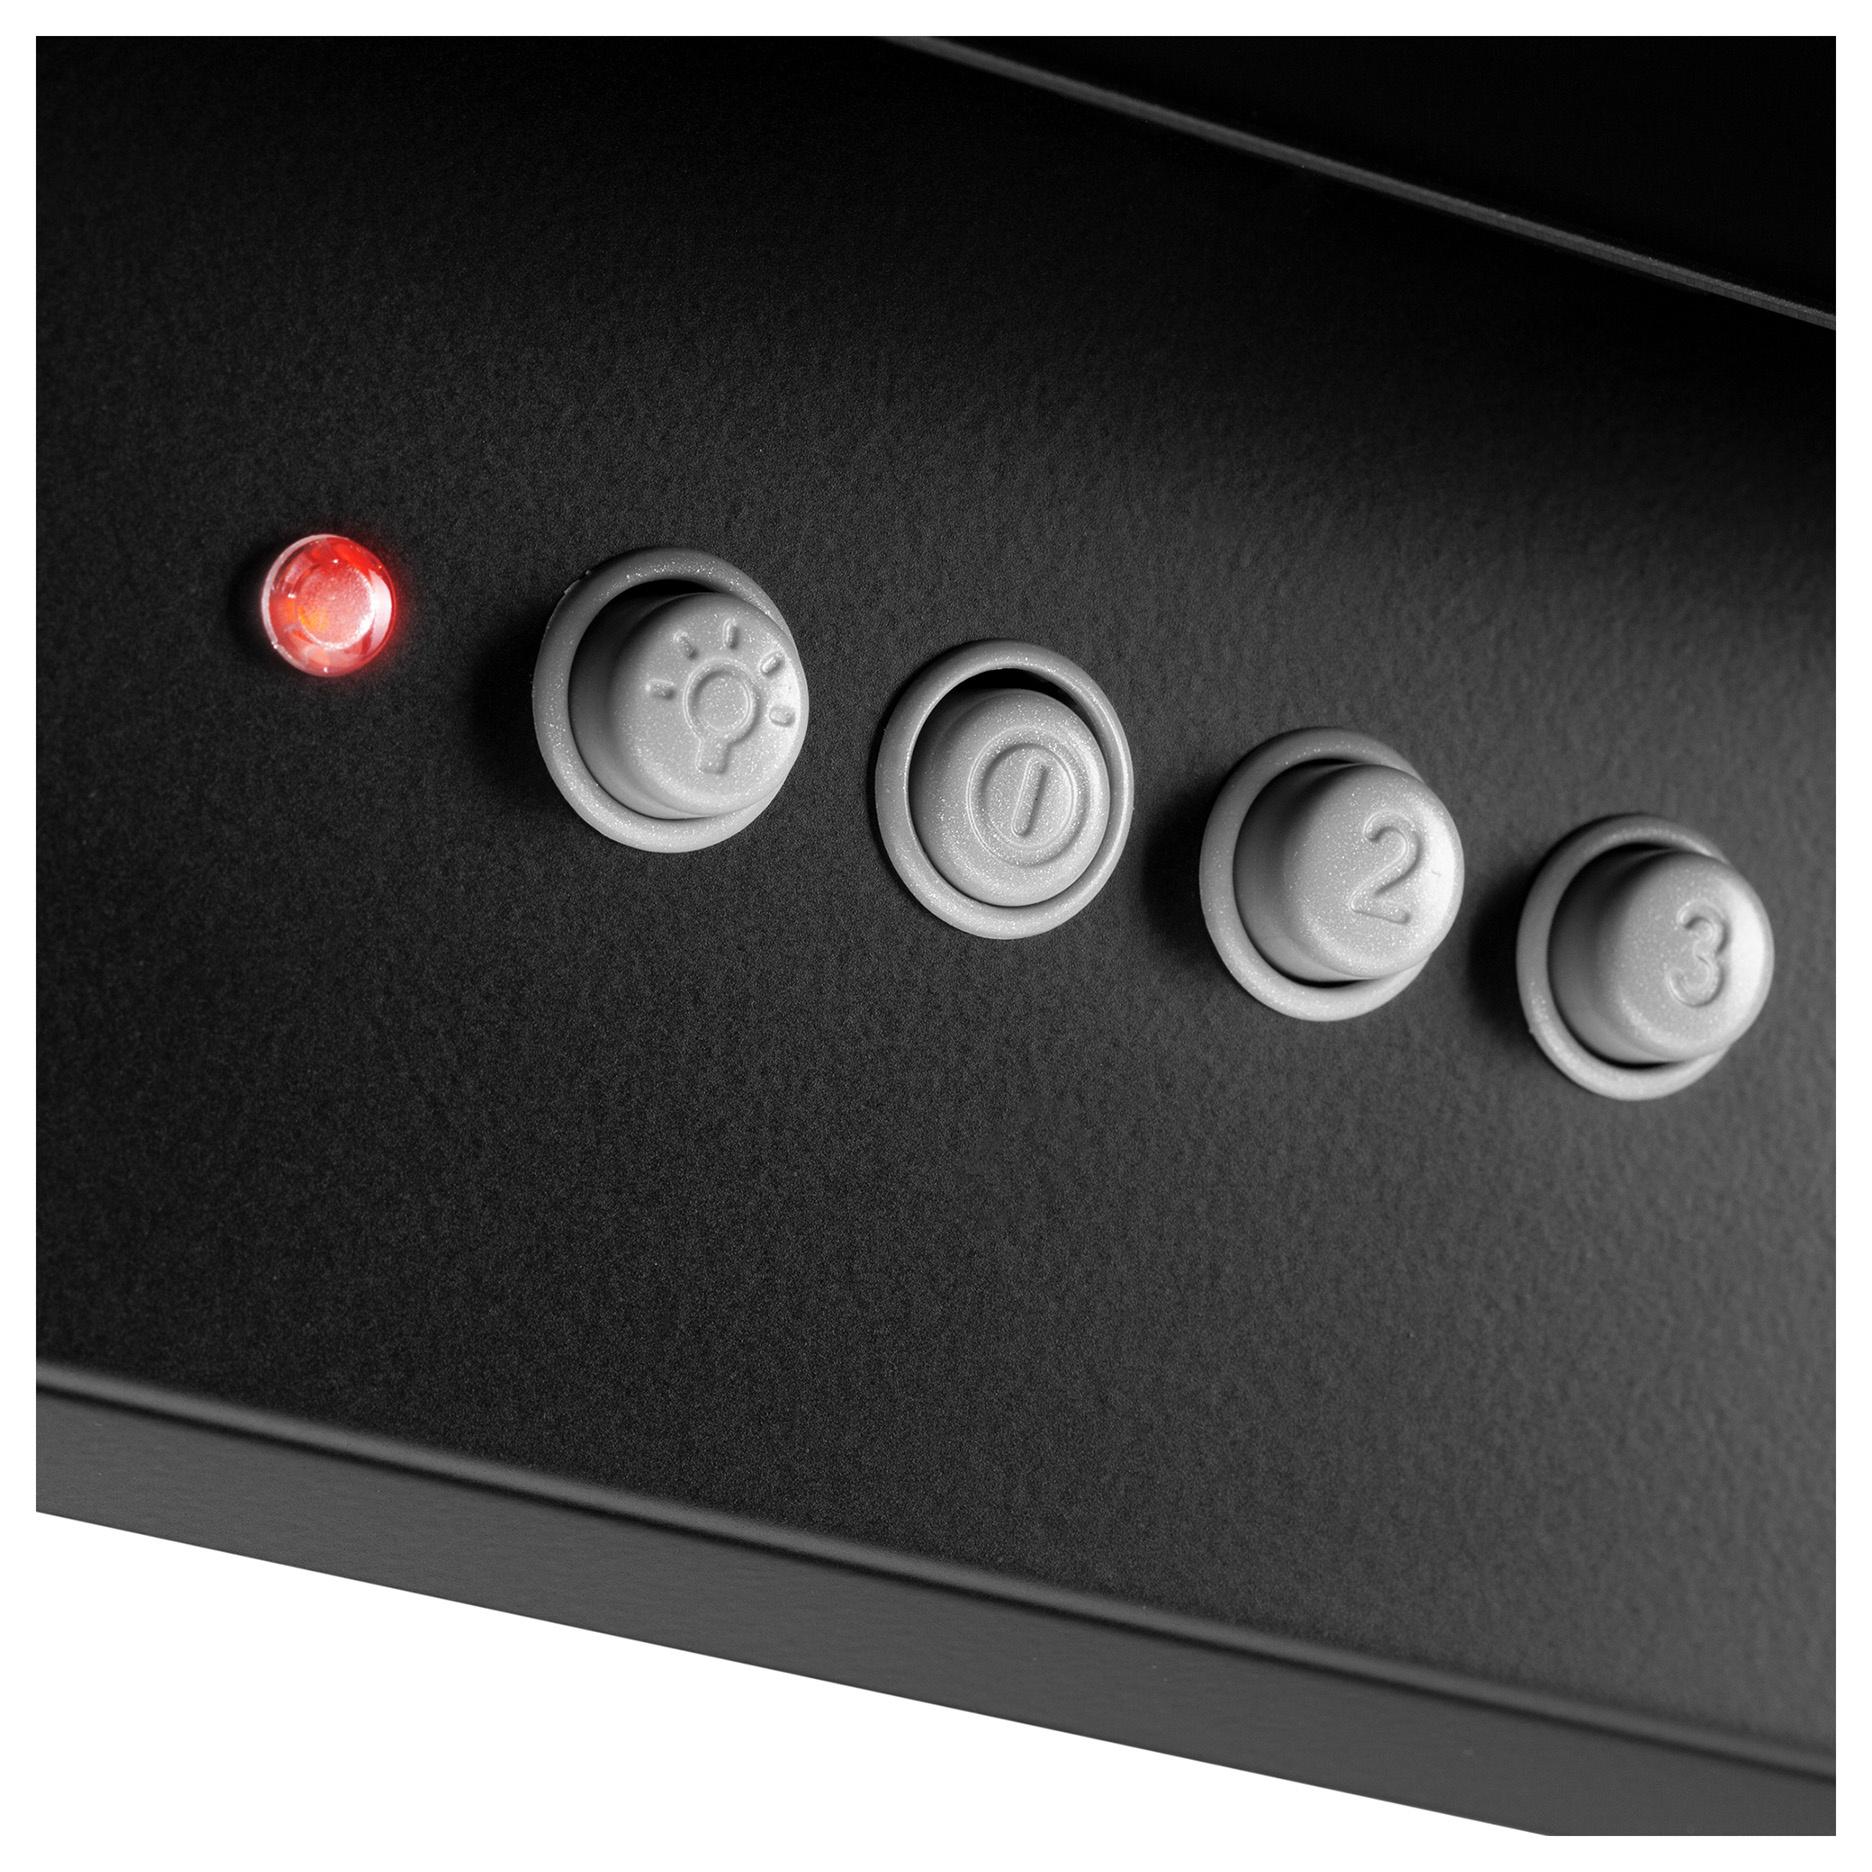 Вытяжка каминная Hyundai HGH 6731 BG черный управление: кнопочное (1 мотор)